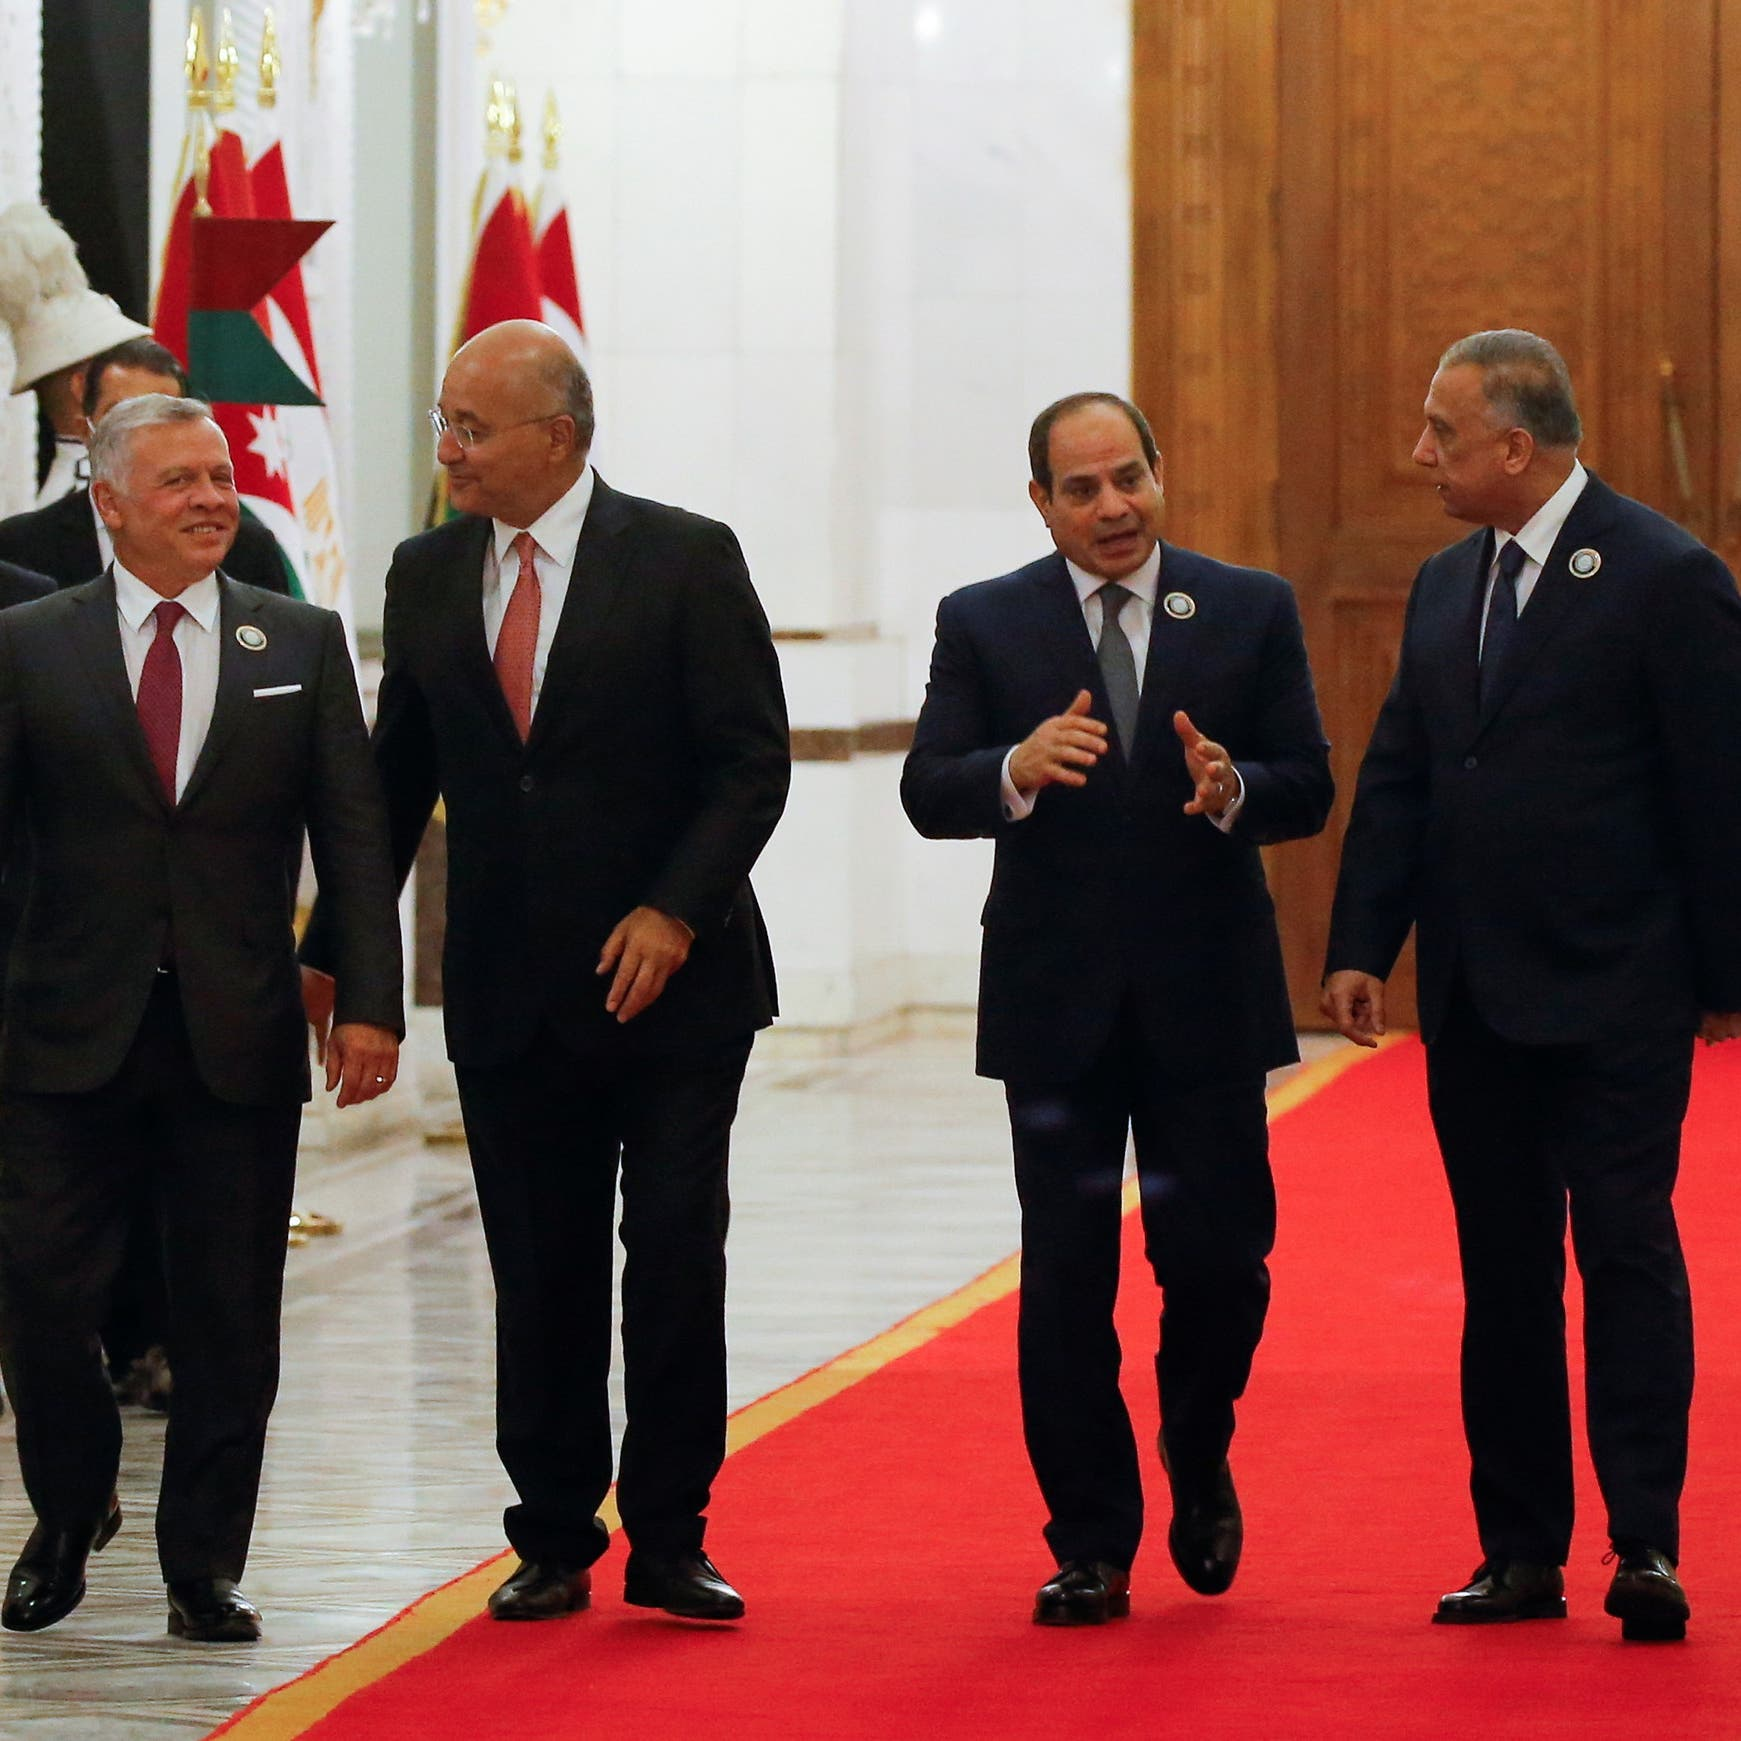 أميركا ترحب بالقمة الثلاثية في بغداد: تعزز الاستقرار في المنطقة